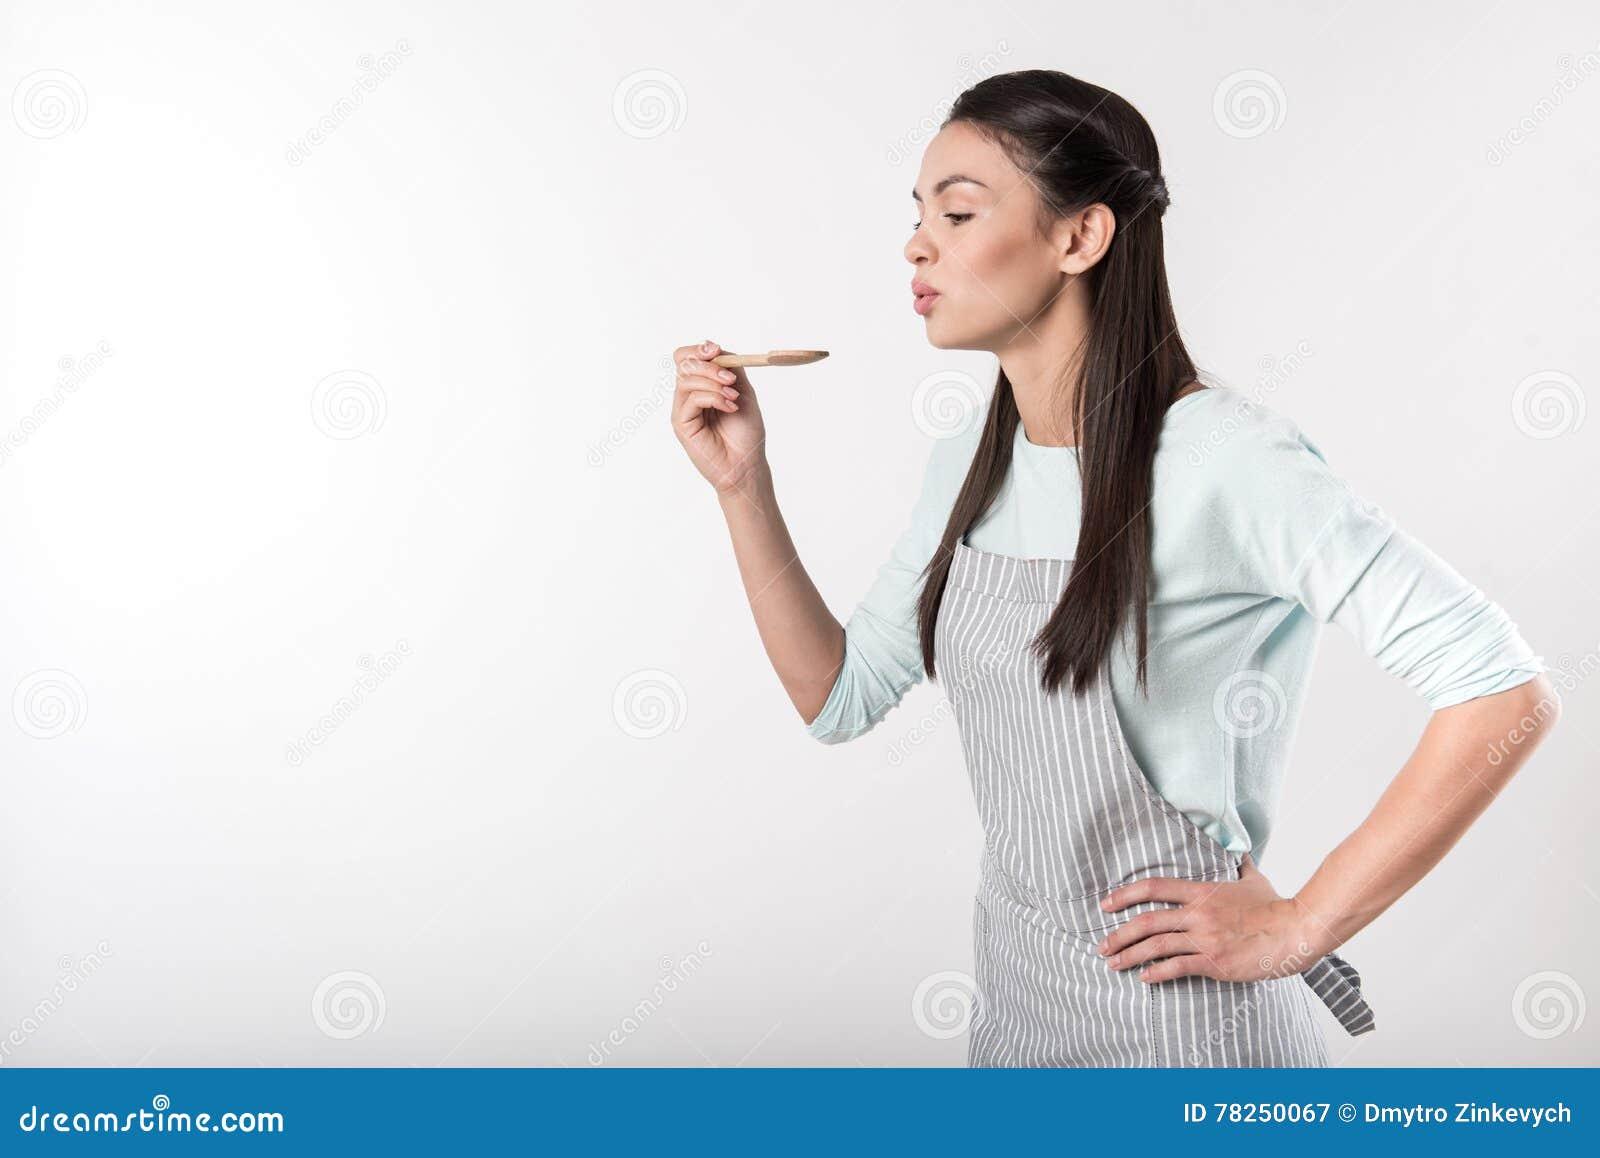 Positive Frau beschäftigt gewesen mit dem Kochen